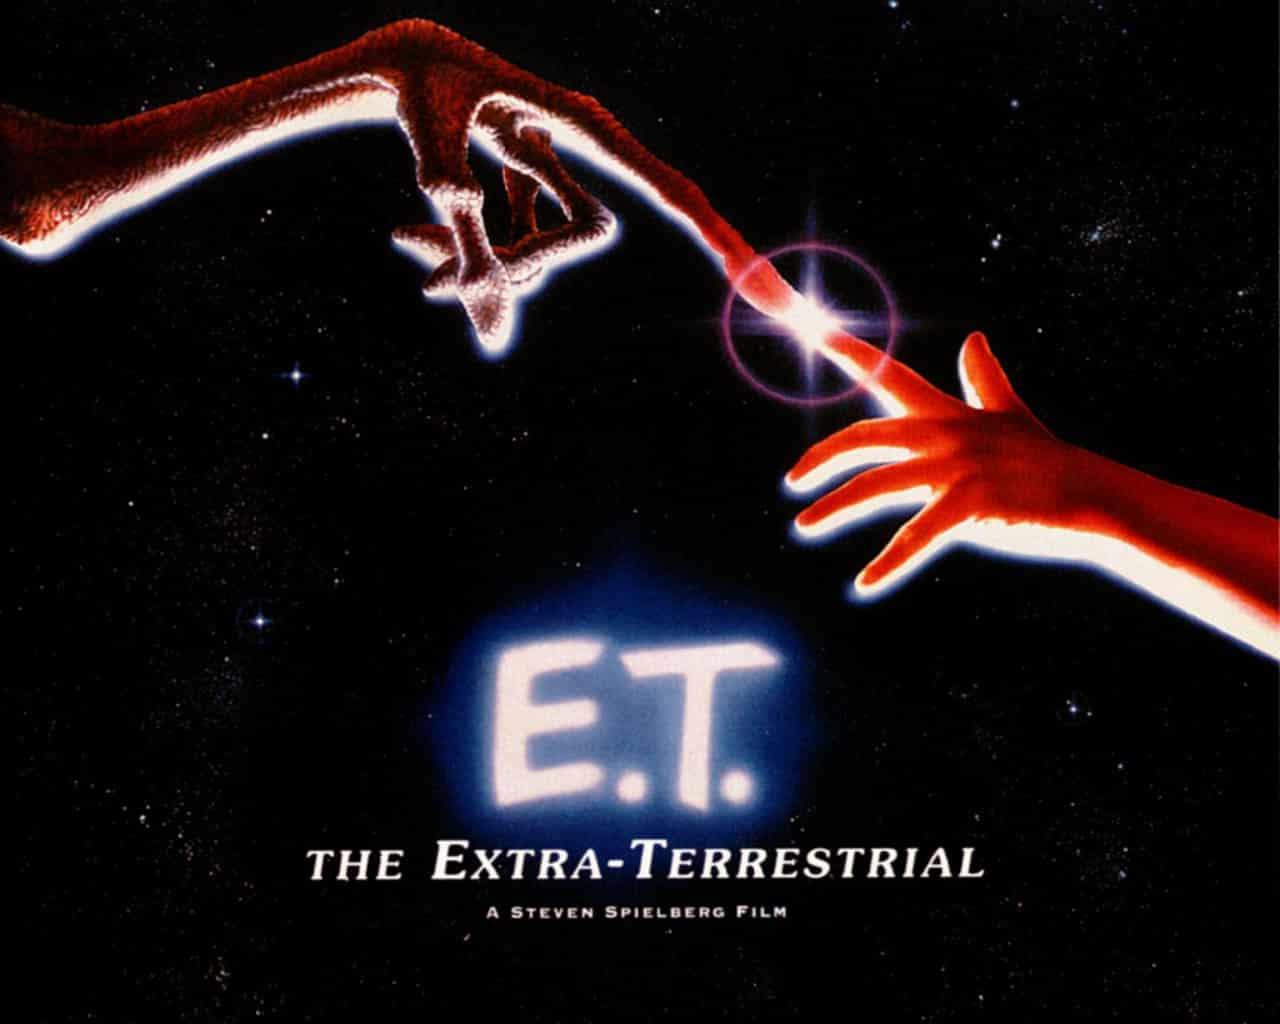 映画「E.T.」には指と指が触れ合うシーンはないという雑学